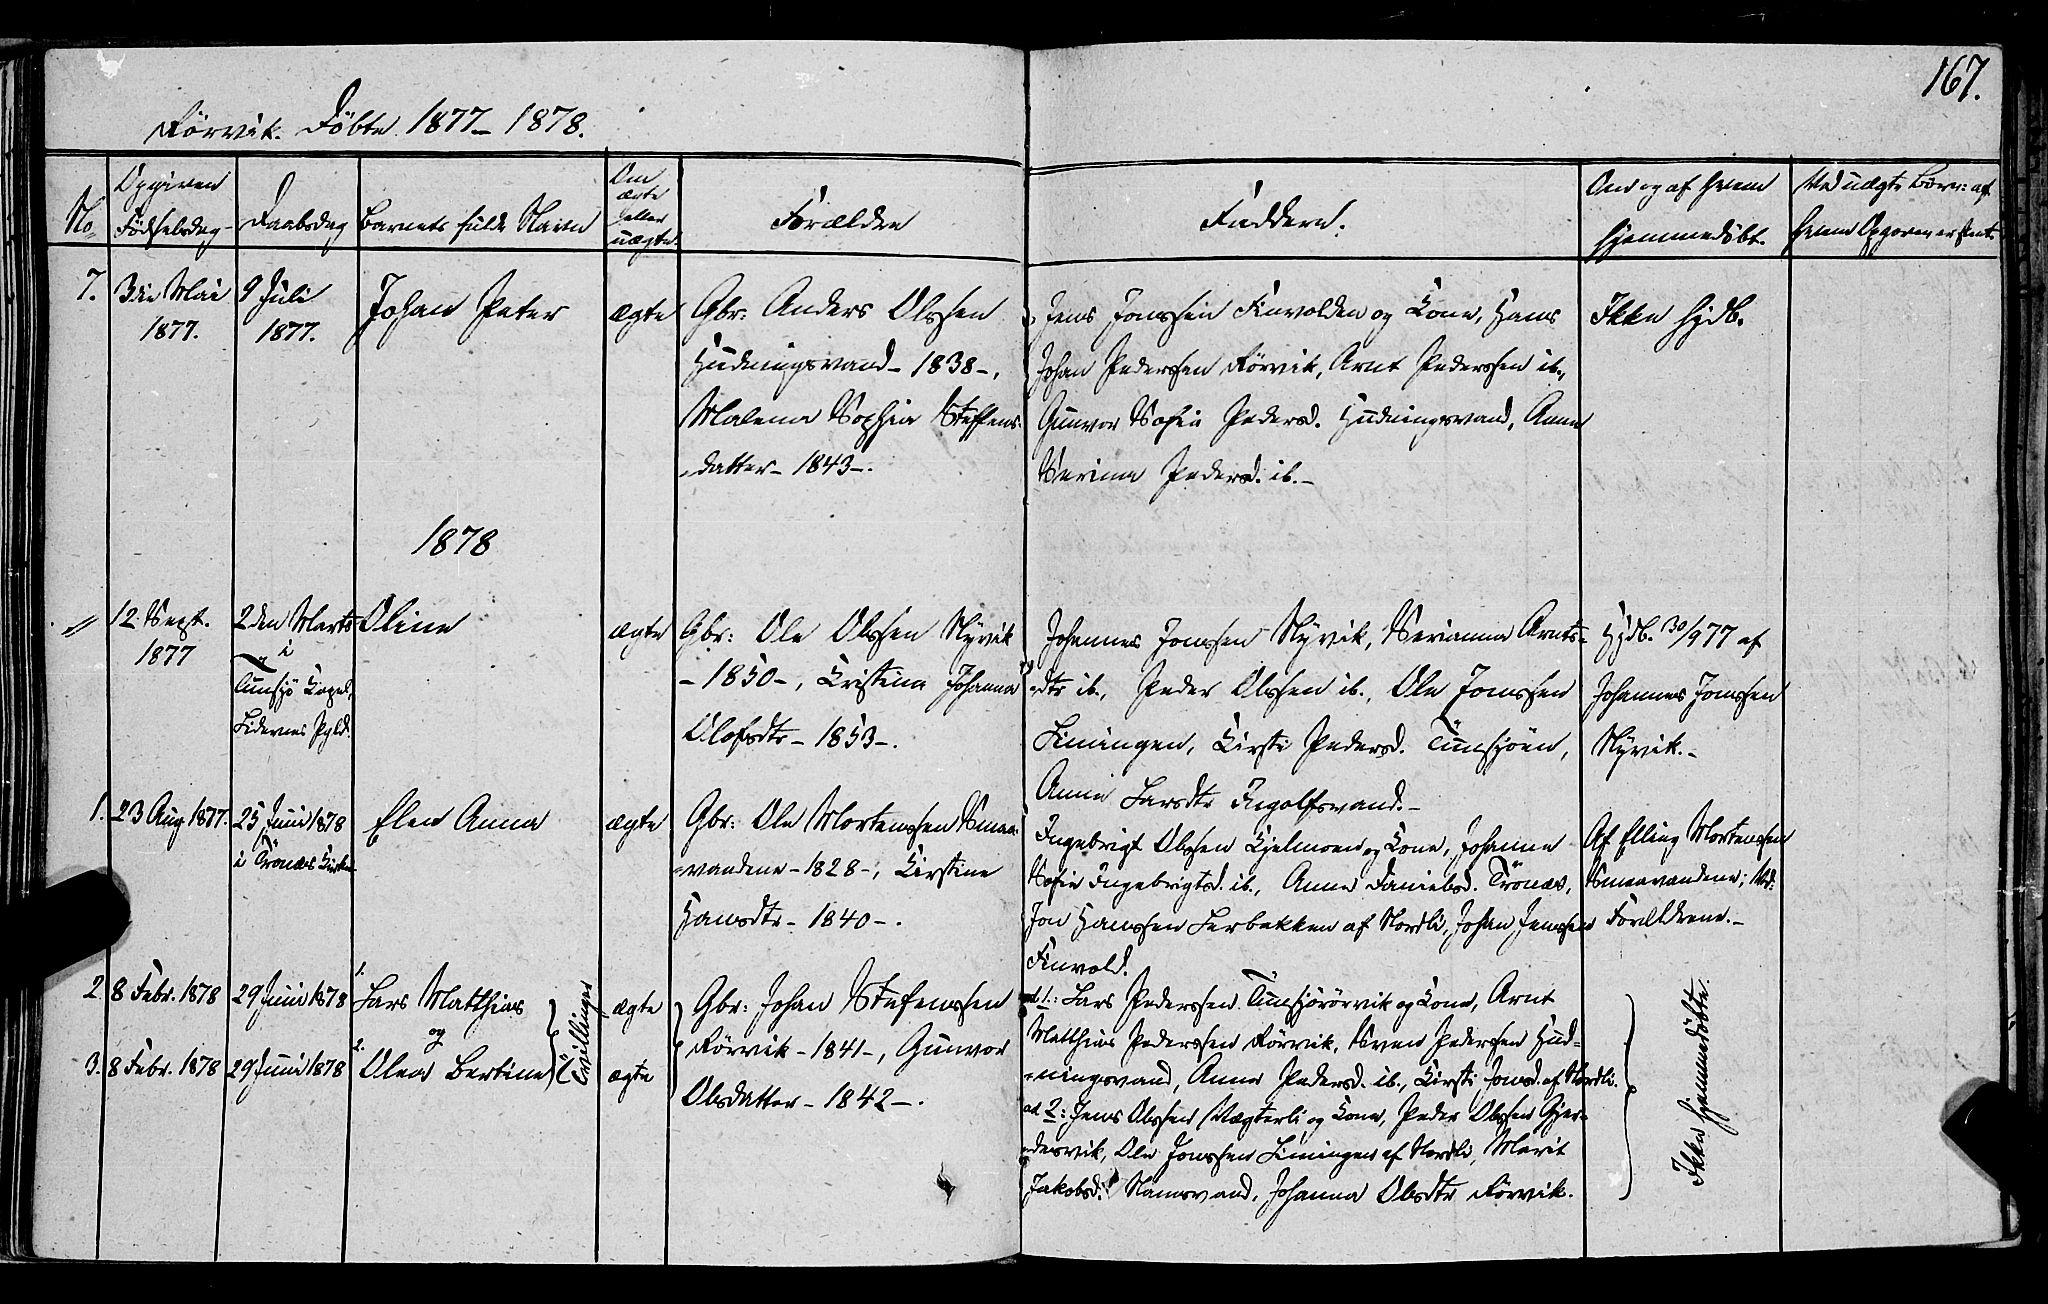 SAT, Ministerialprotokoller, klokkerbøker og fødselsregistre - Nord-Trøndelag, 762/L0538: Ministerialbok nr. 762A02 /1, 1833-1879, s. 167